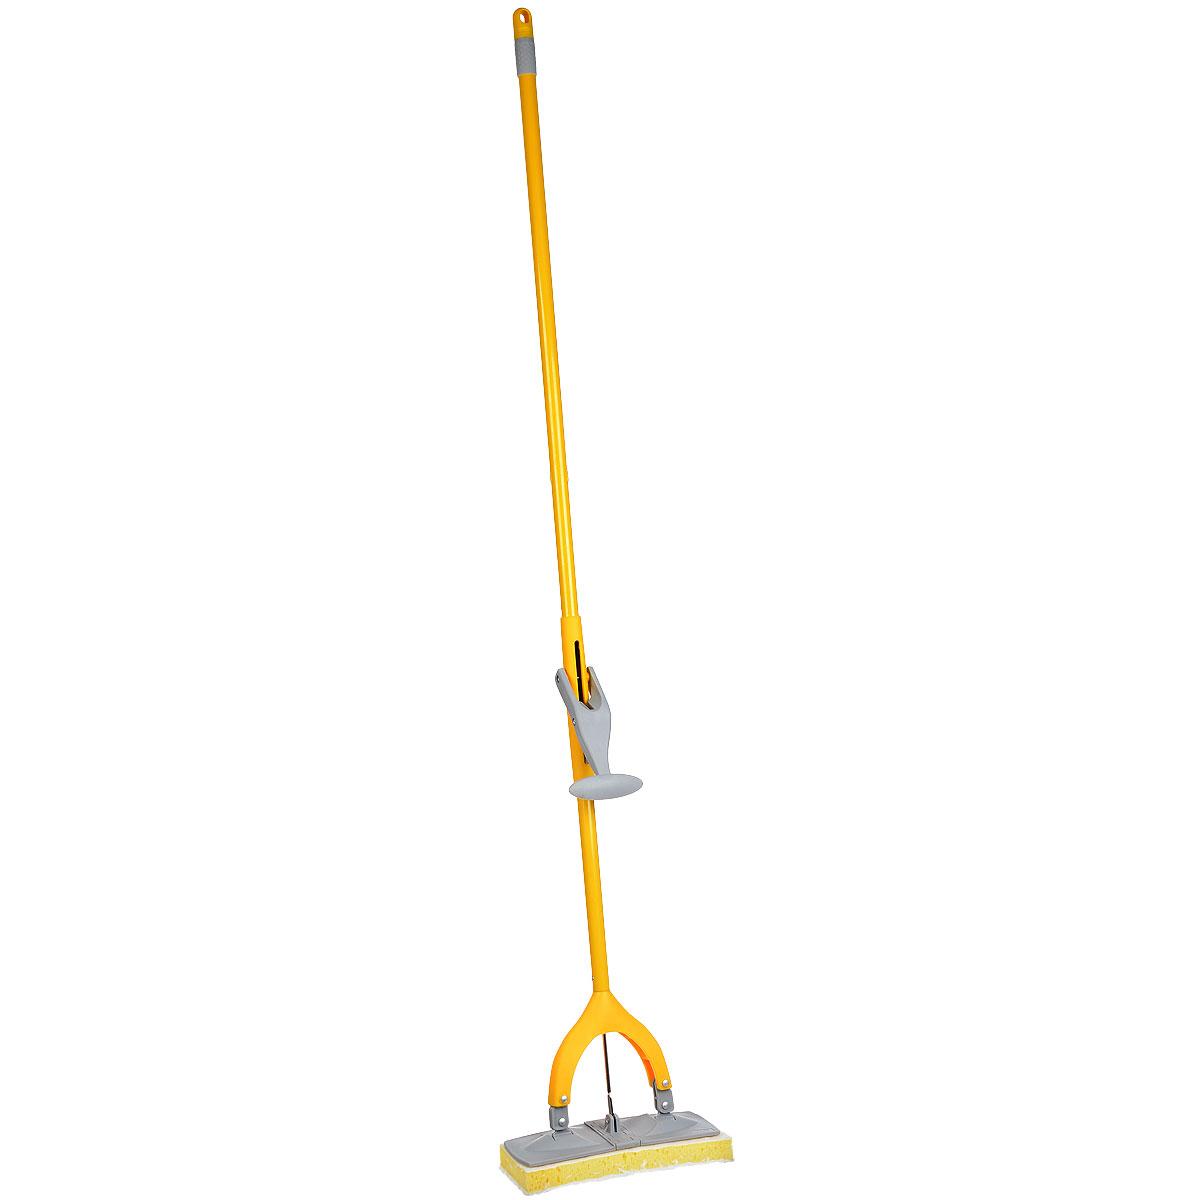 Поломой Apex Squizzo, с отжимом, цвет: серый, желтыйCLP446Поломой Apex Squizzo предназначен для уборки в доме. Насадка, изготовленная из поролона, крепится к стальной трубке. Насадка имеет специальную форму, которая позволяет легко и качественно мыть полы. Специальная система отжима позволяет отжимать воду более эффективно, чем вручную.Размер рабочей поверхности: 27 х 9,5 см.Длина ручки: 135 см.